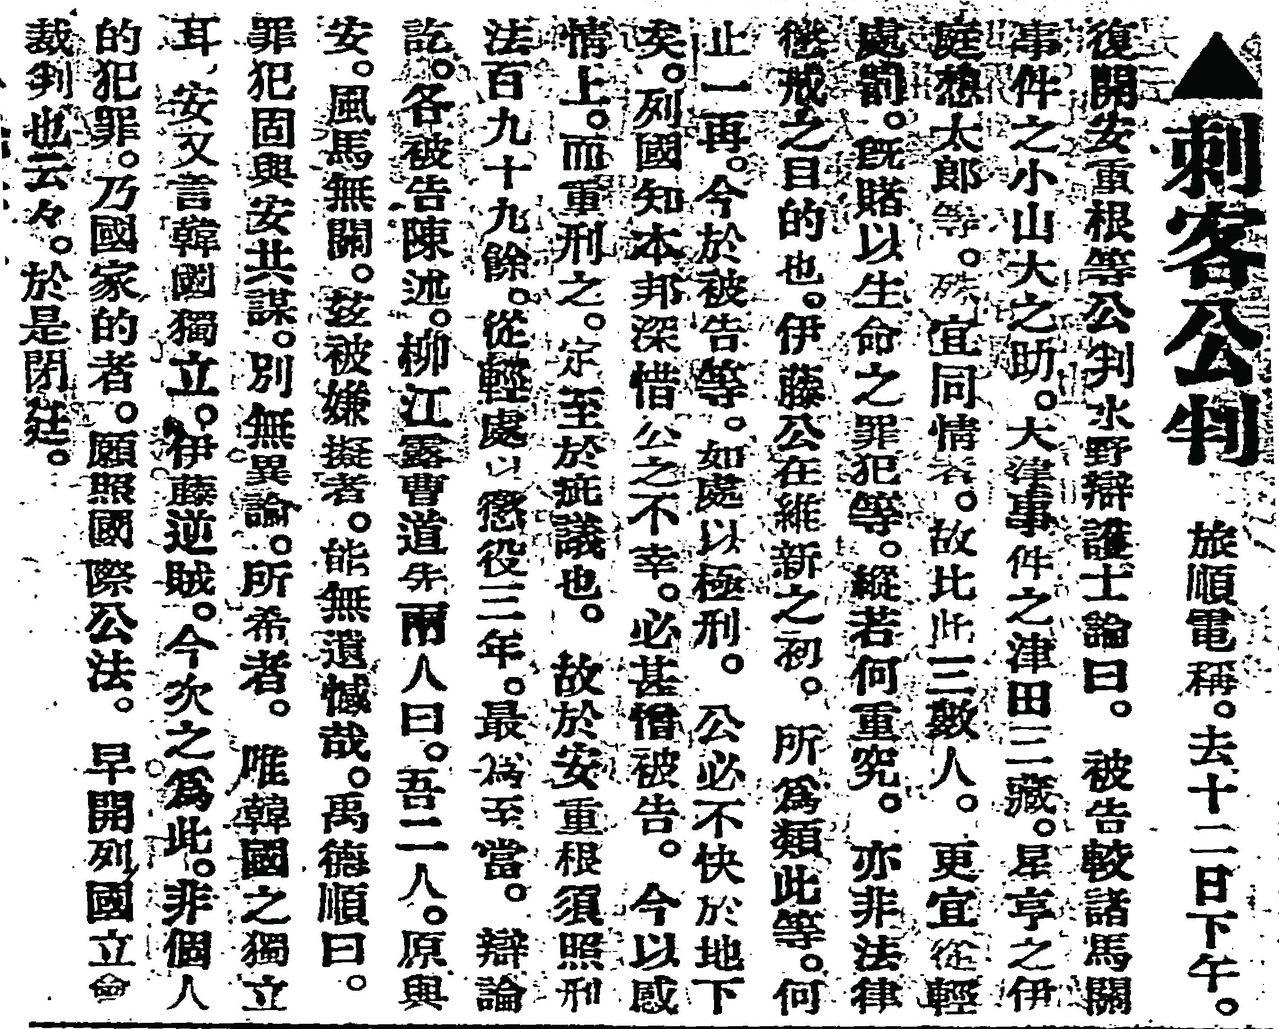 《漢文臺灣日日新報》,〈刺客公判〉,1910年2月16日,2版。